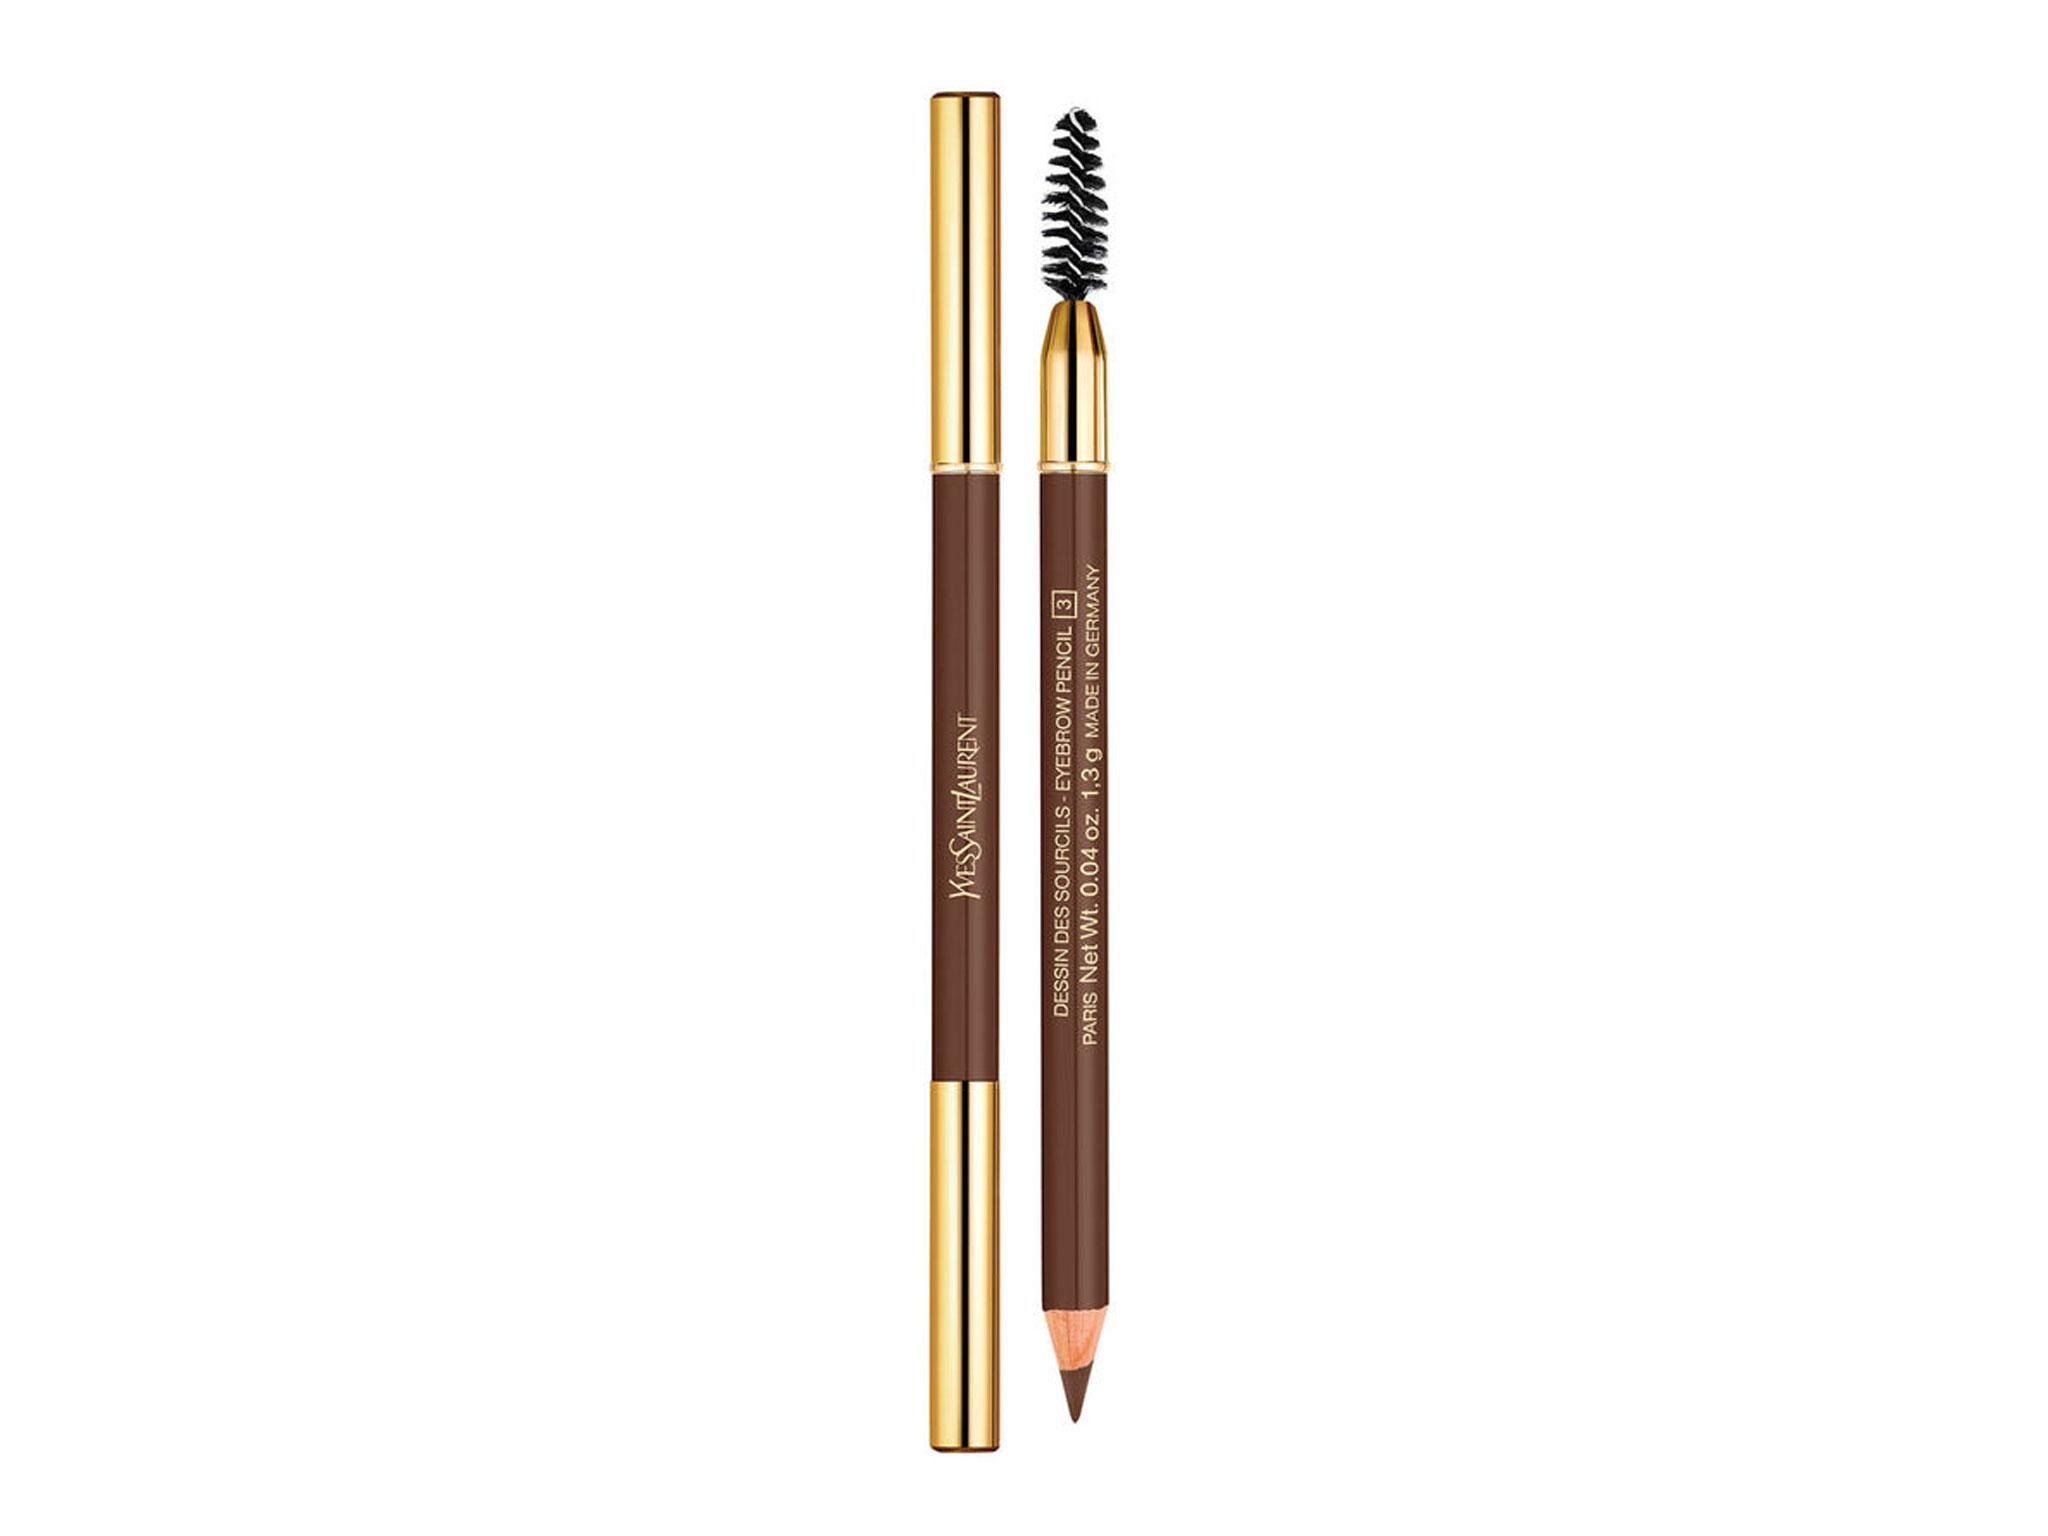 8 Best Eyebrow Pencils The Independent